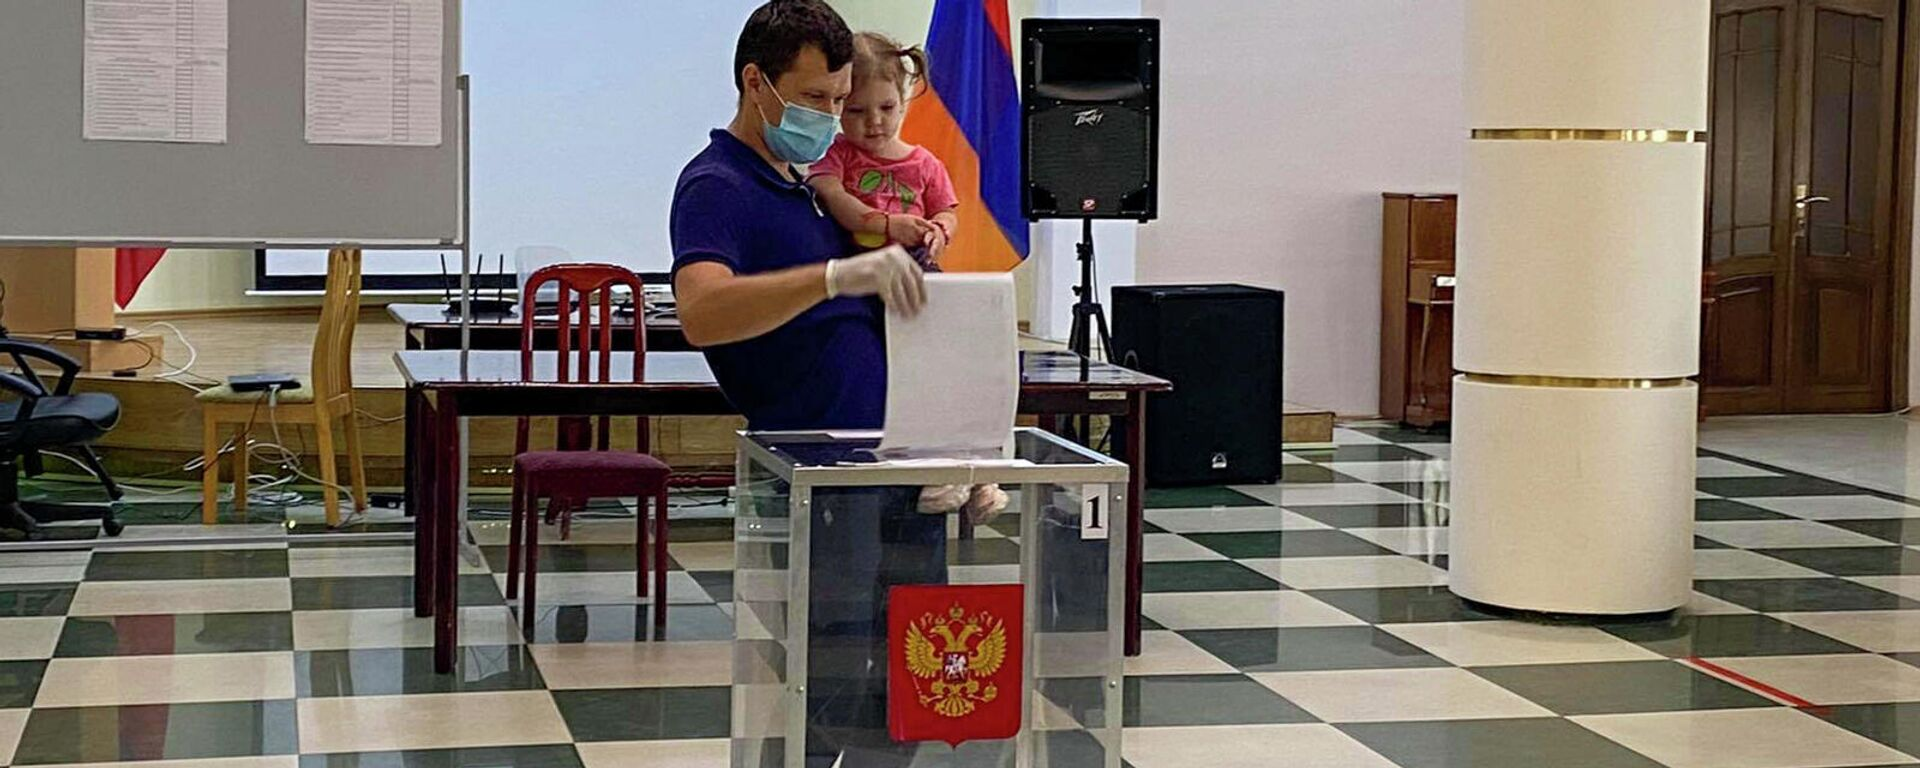 Քվեարկություն` ՌԴ դեսպանատանը - Sputnik Արմենիա, 1920, 19.09.2021